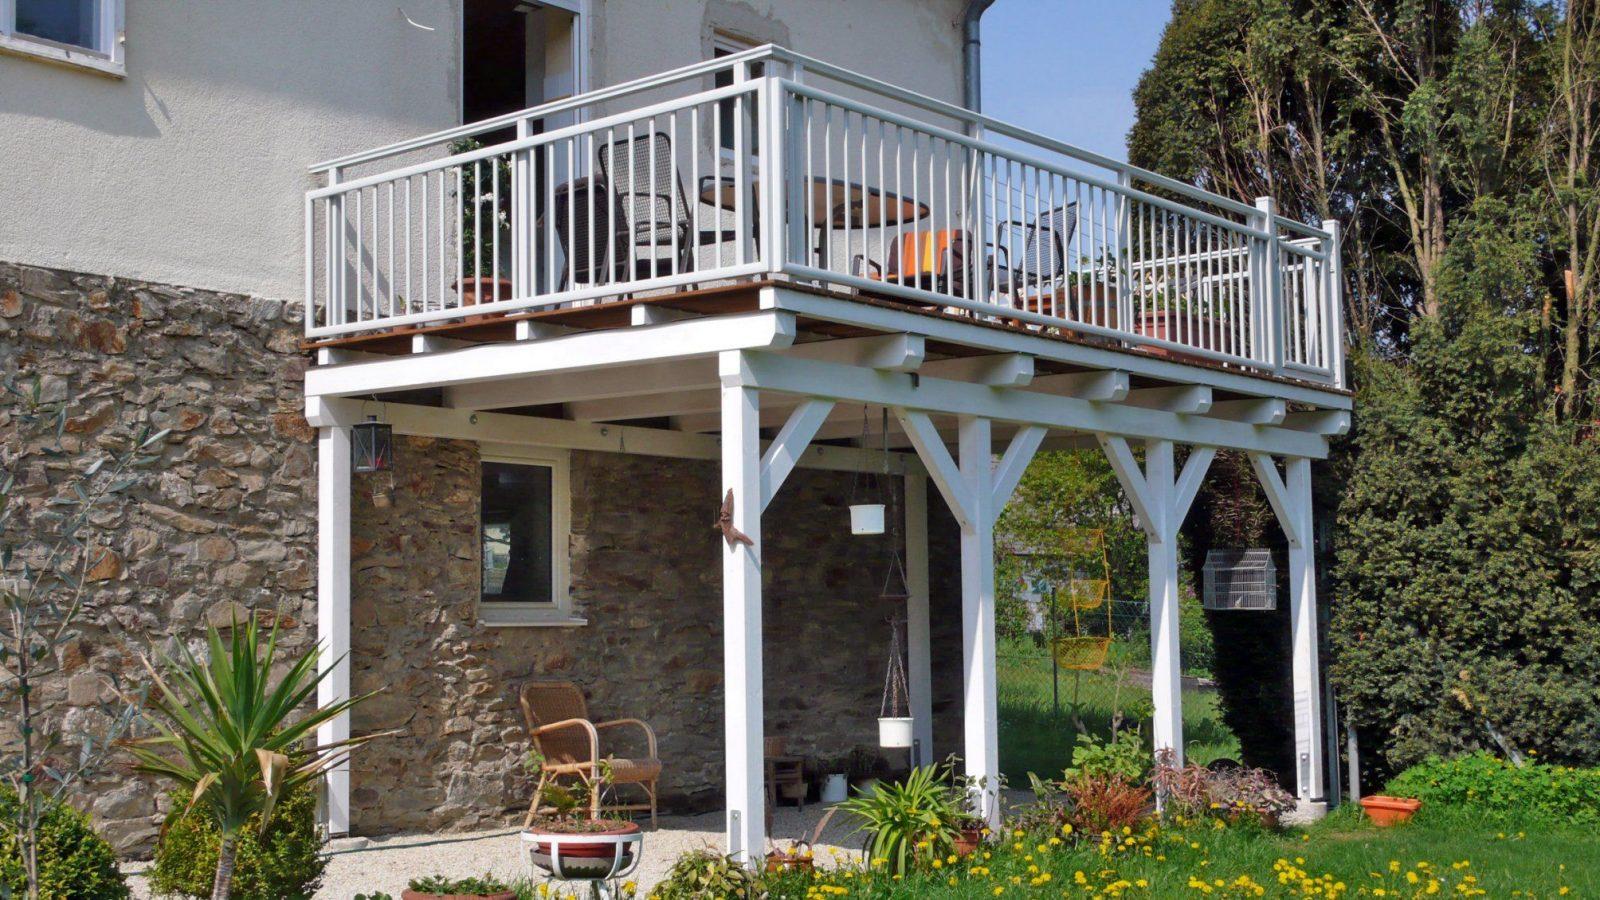 Anbaubalkon Holz Selber Bauen  Haus Design Ideen